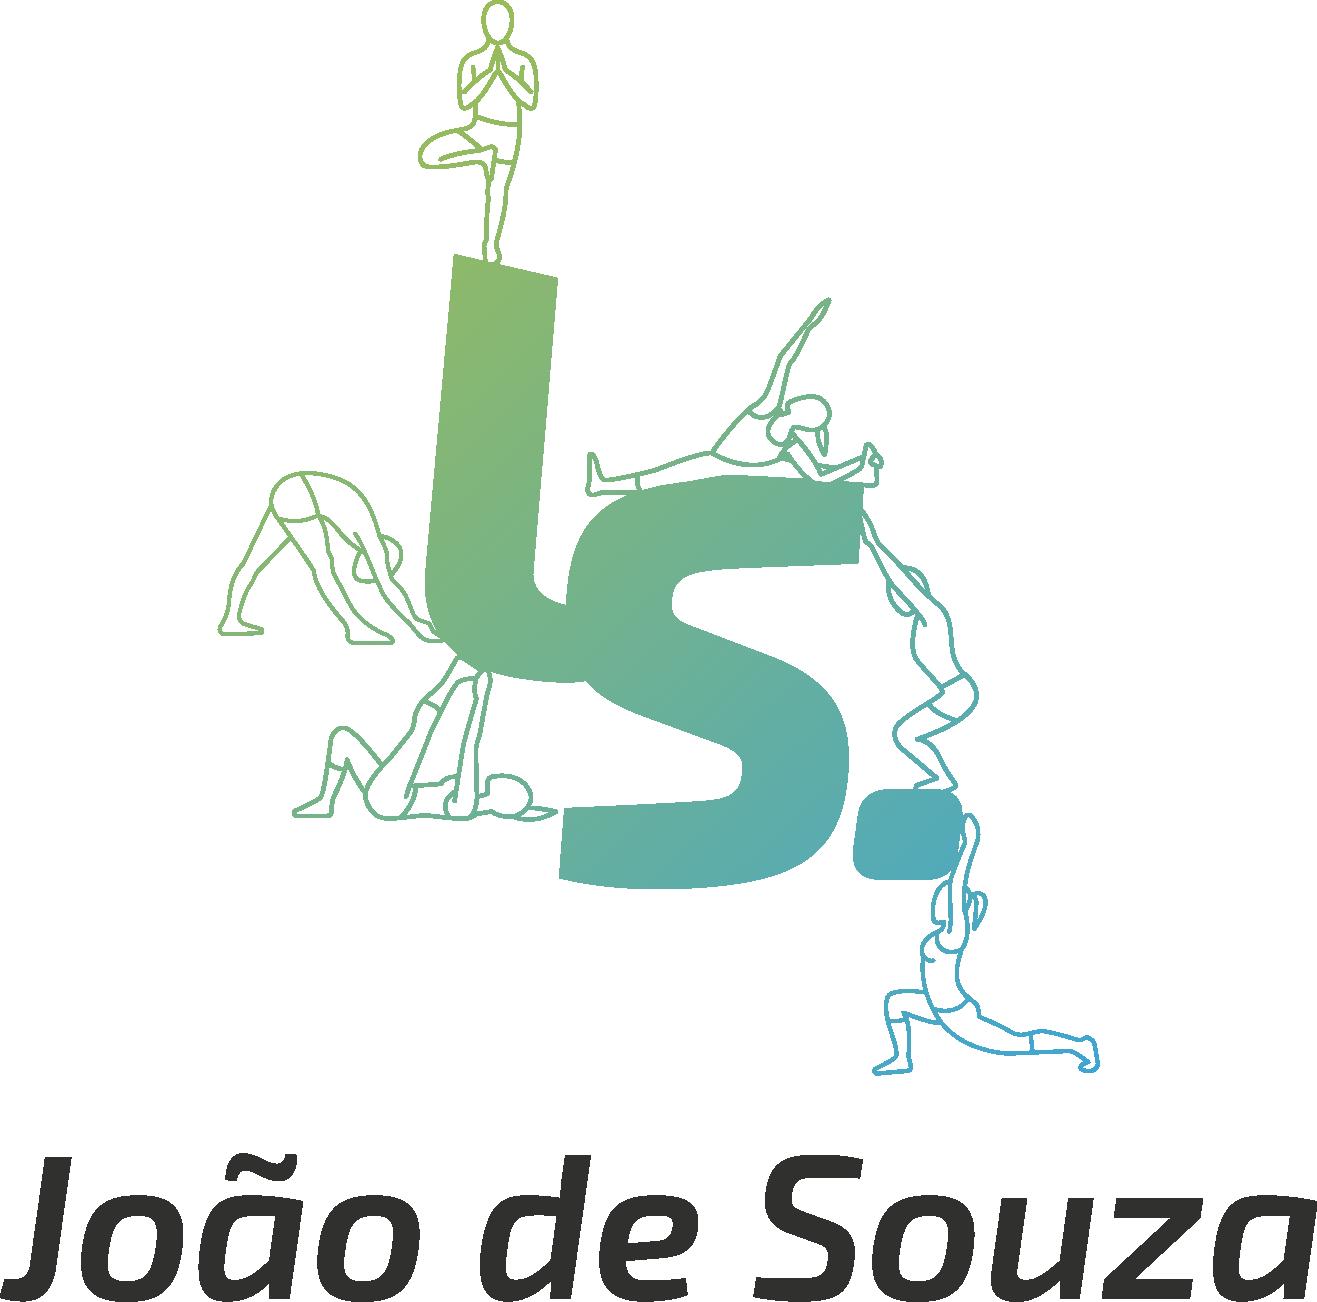 João de Souza